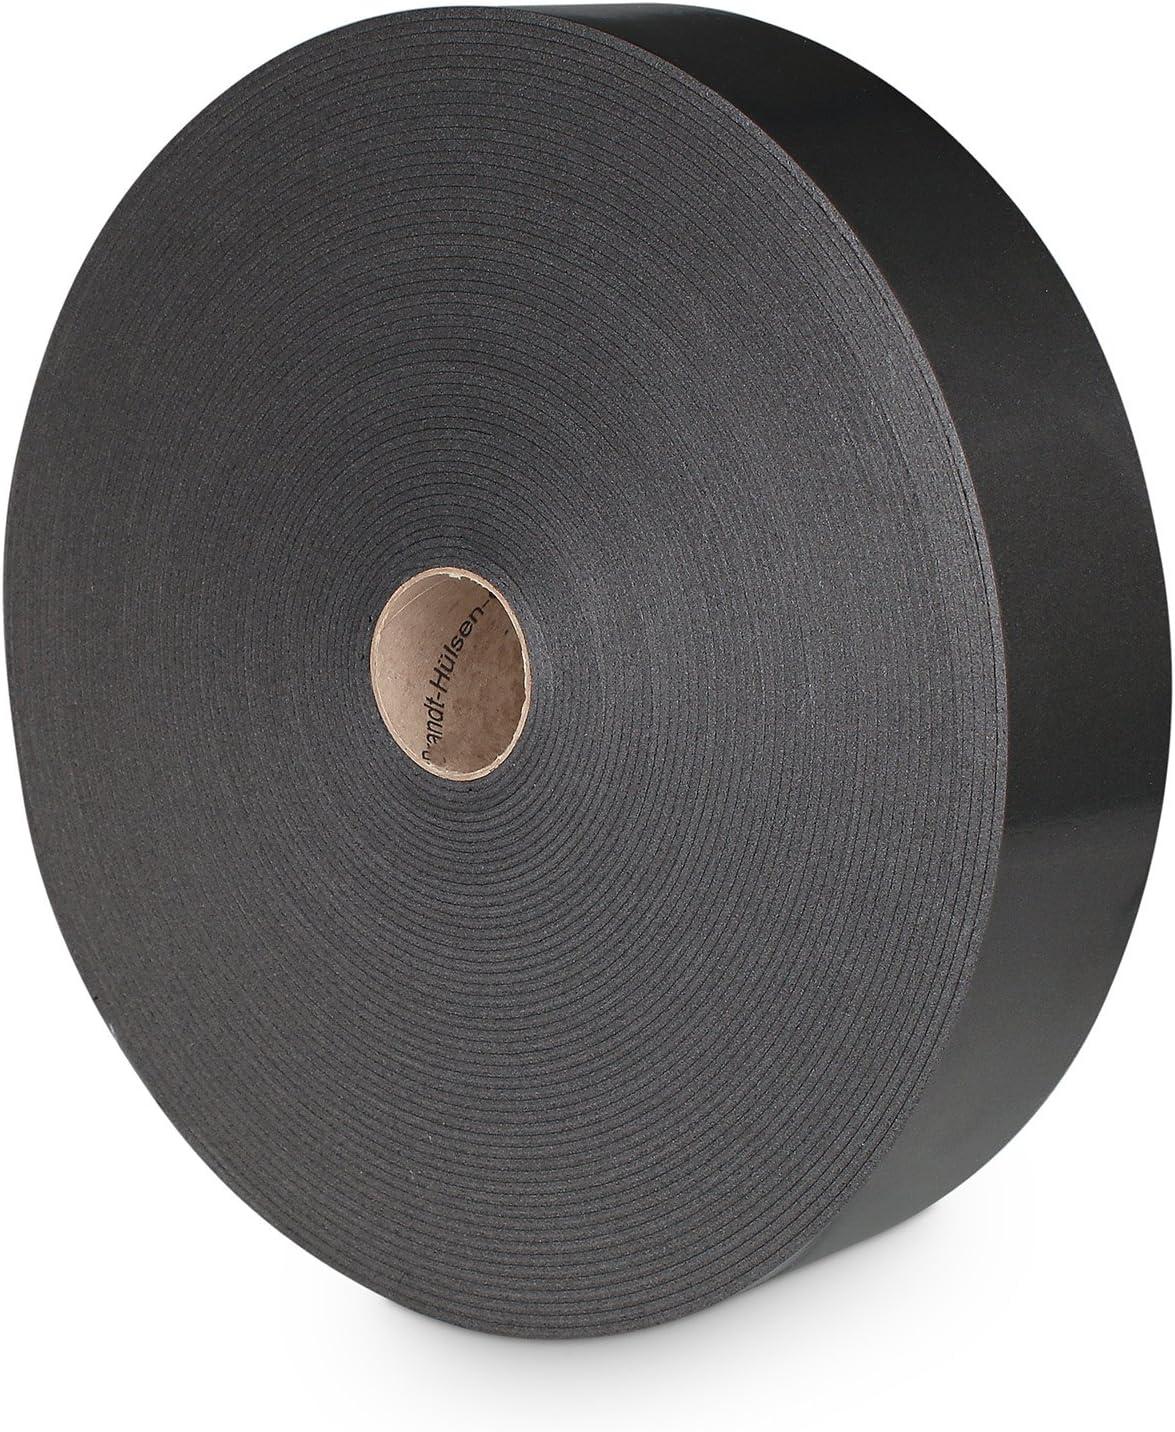 Trennwandband 3mm x 70mm 30m Tackerband Dichtband St/änderwerkprofil Metall Profile Nageldichtband 5